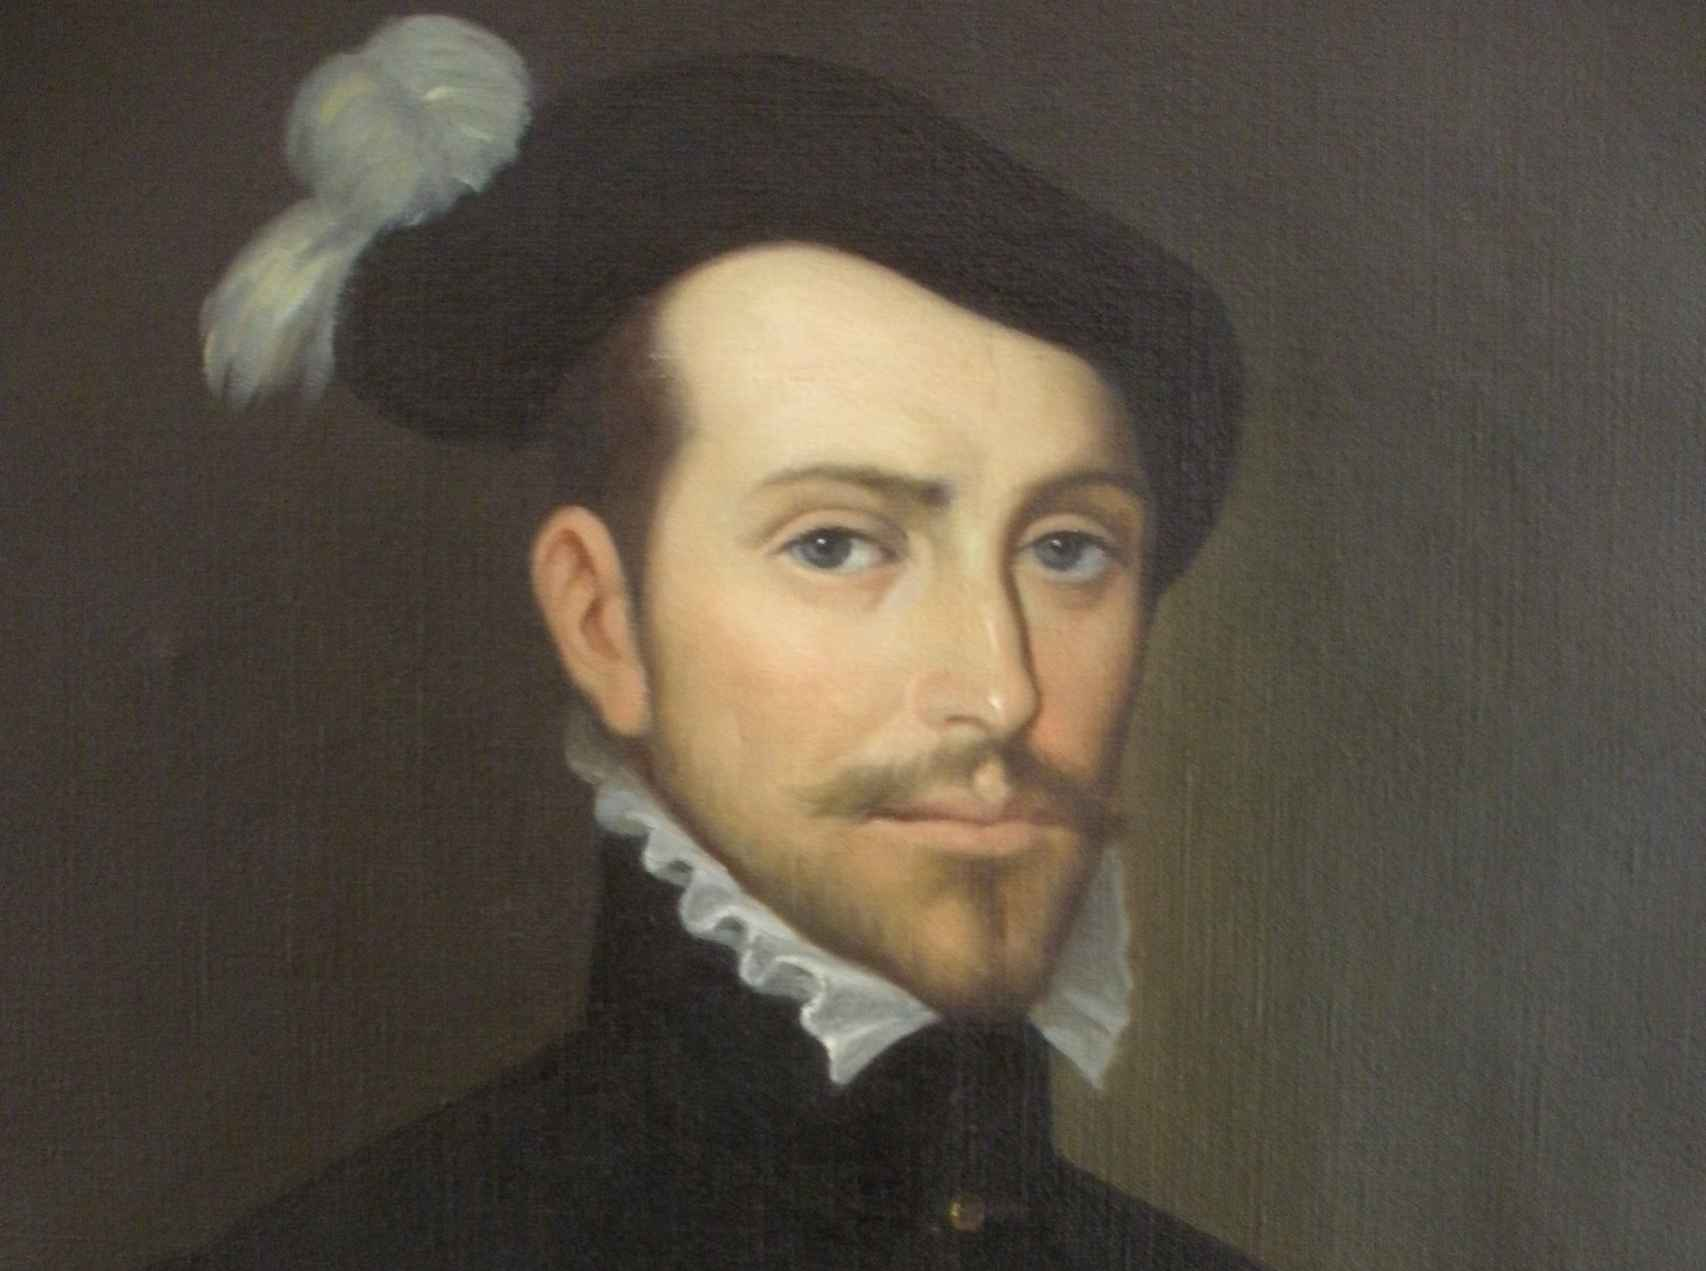 Retrato de Hernán Cortés, pintado por Juan Aparicio Quintana, en el Ayuntamiento de Medellín.